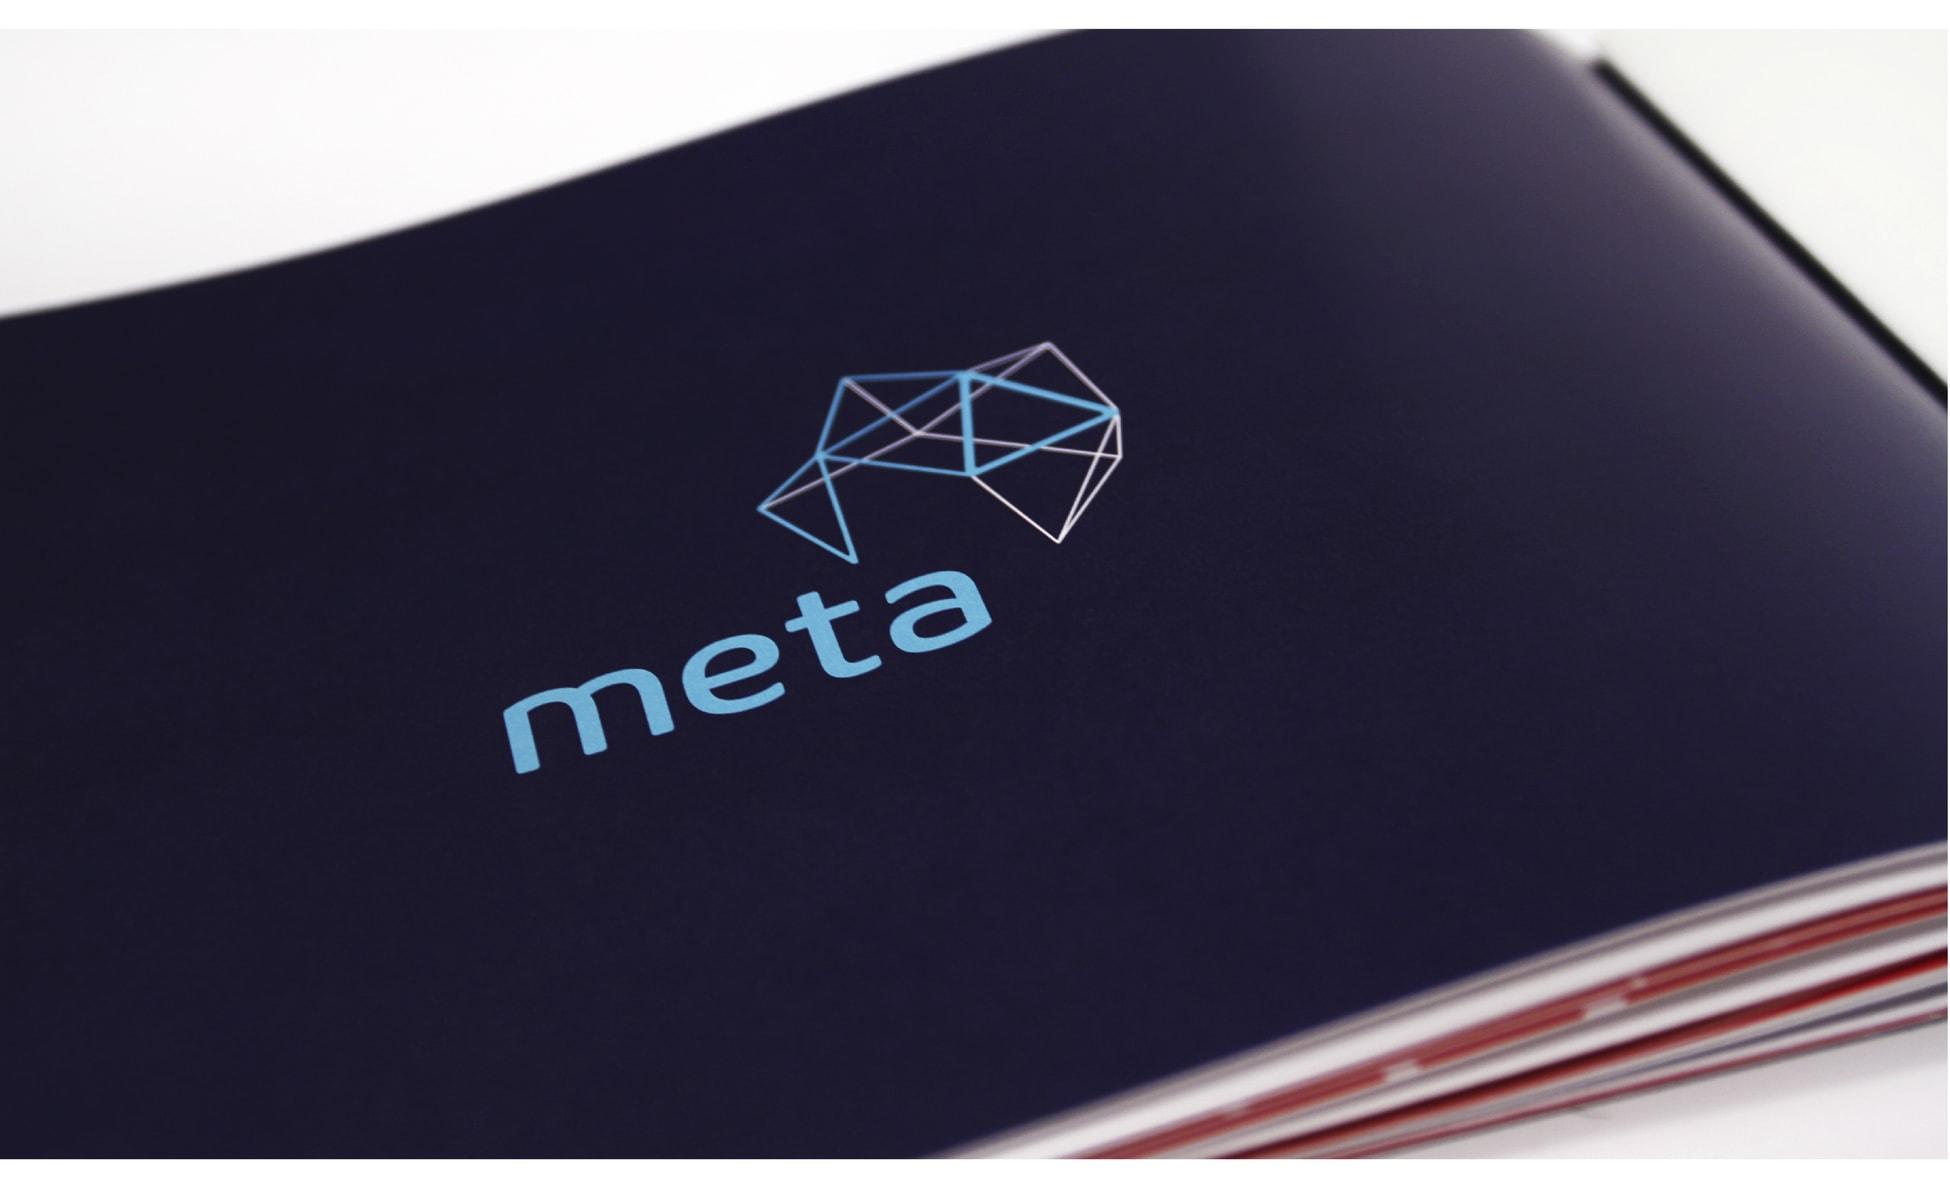 MetaAR2-15